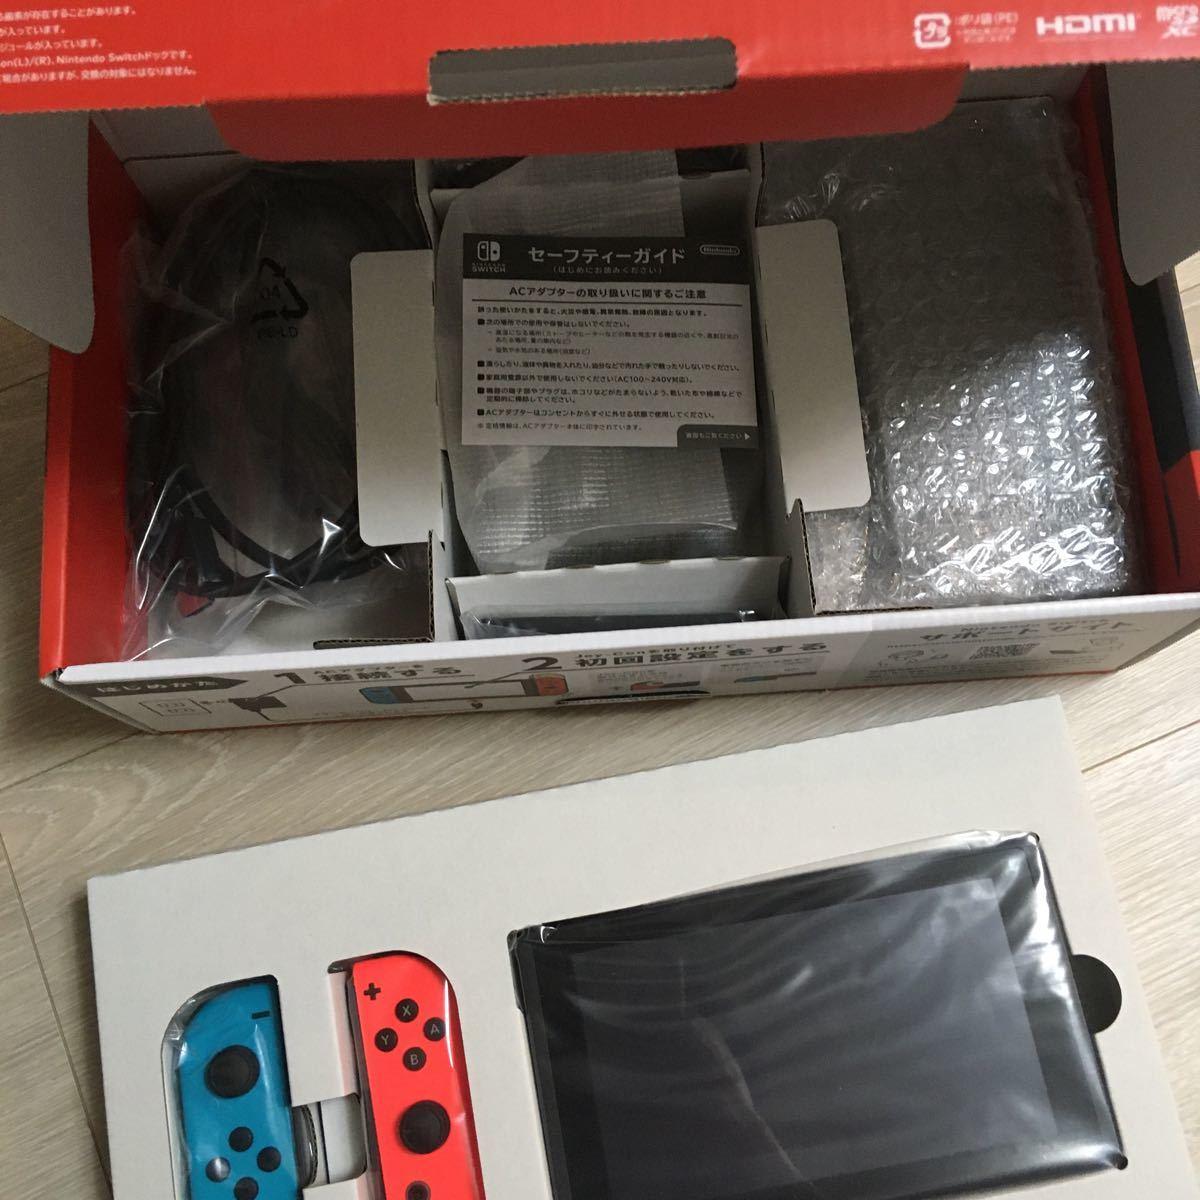 ニンテンドースイッチ最新型 Nintendo Switch ネオンレッドブルー